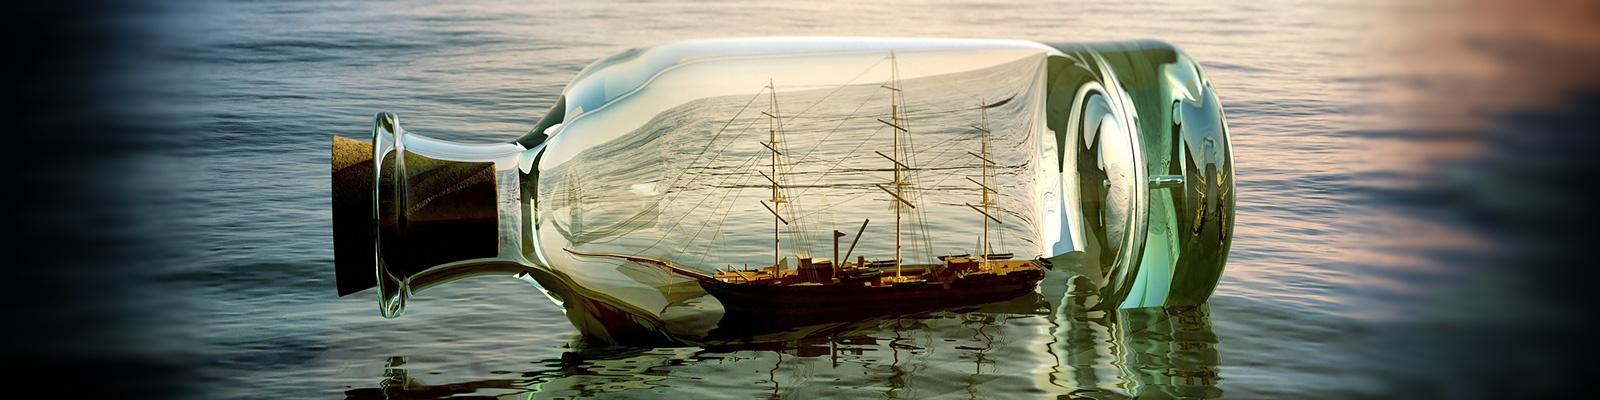 ボトルシップ 海 イメージ